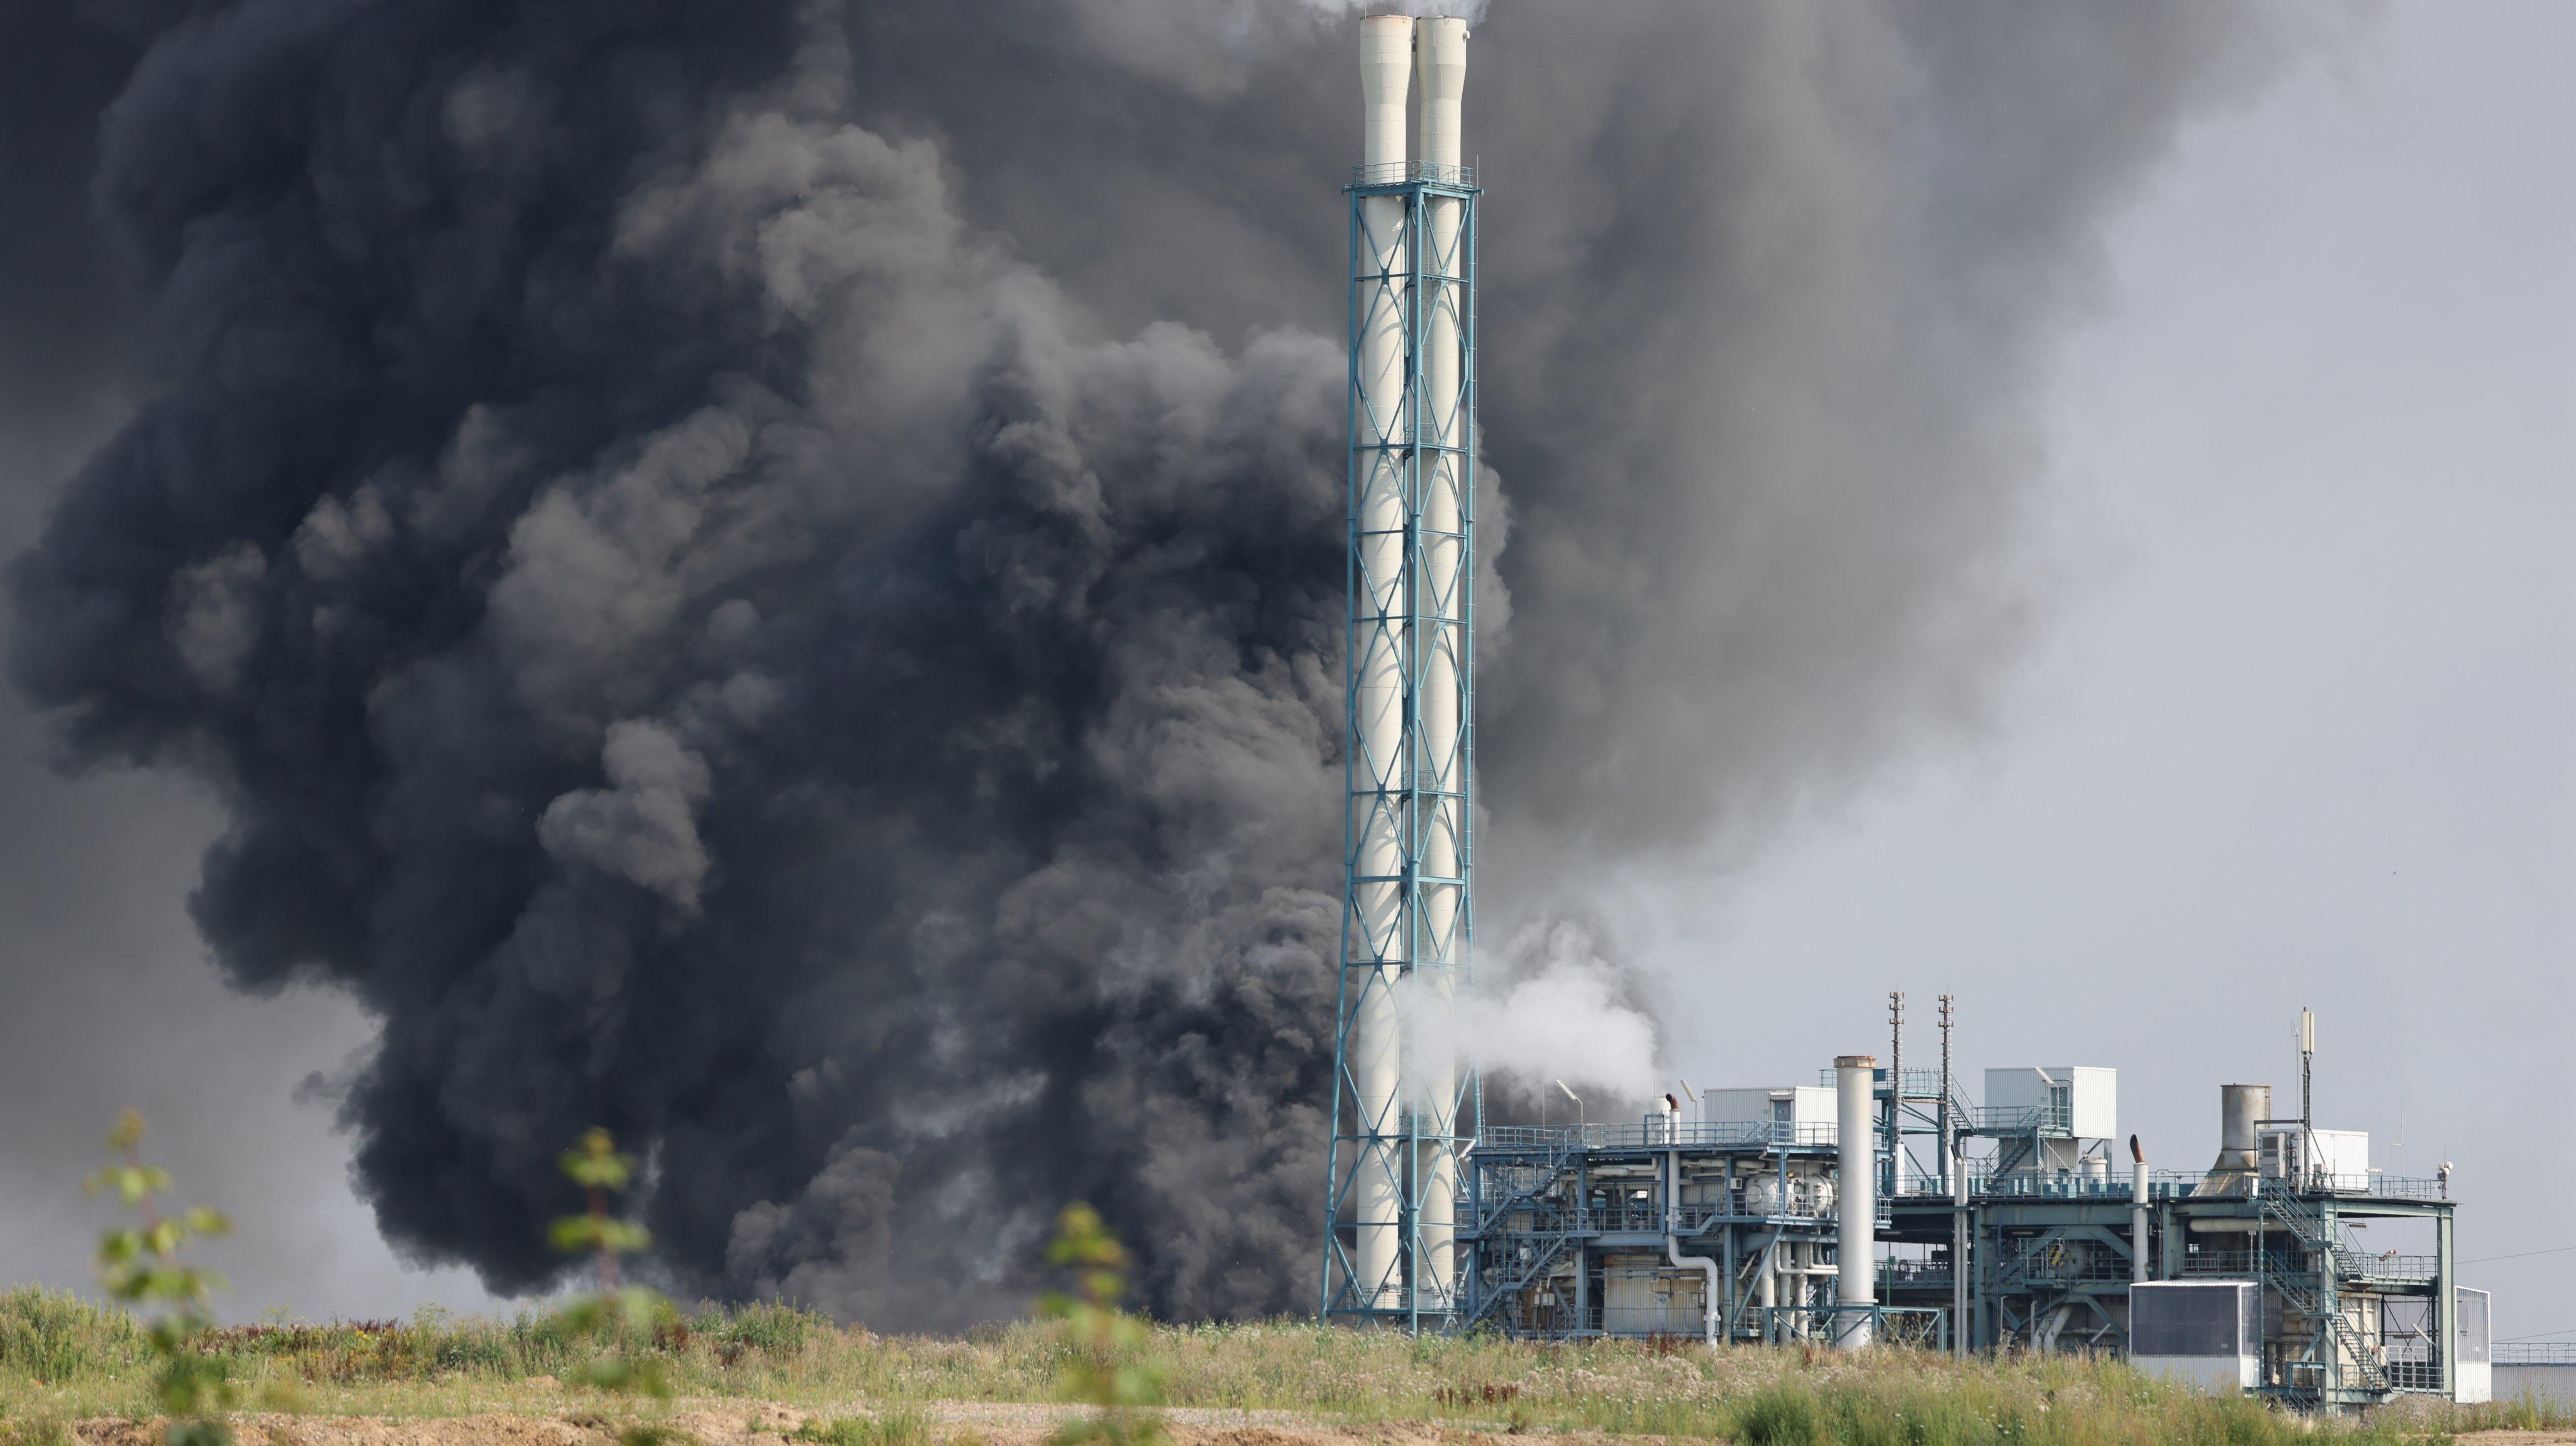 Cloud of smoke over Chempark Leverkusen